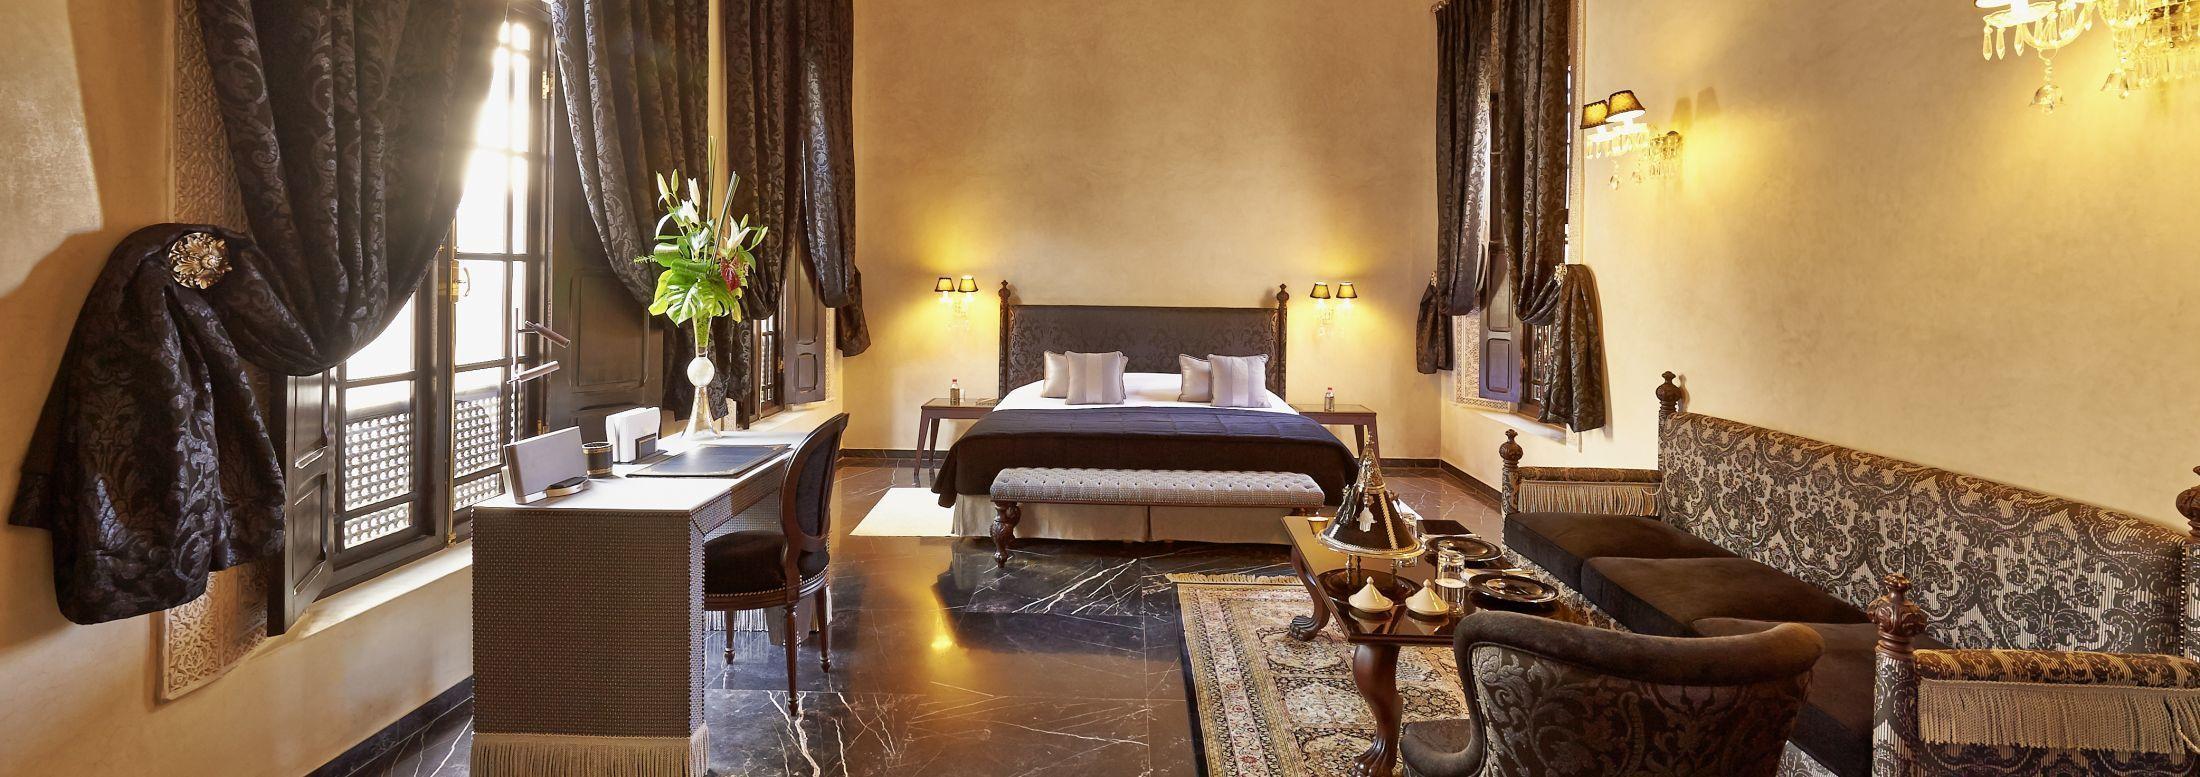 Riad Fes Hotel - Suite